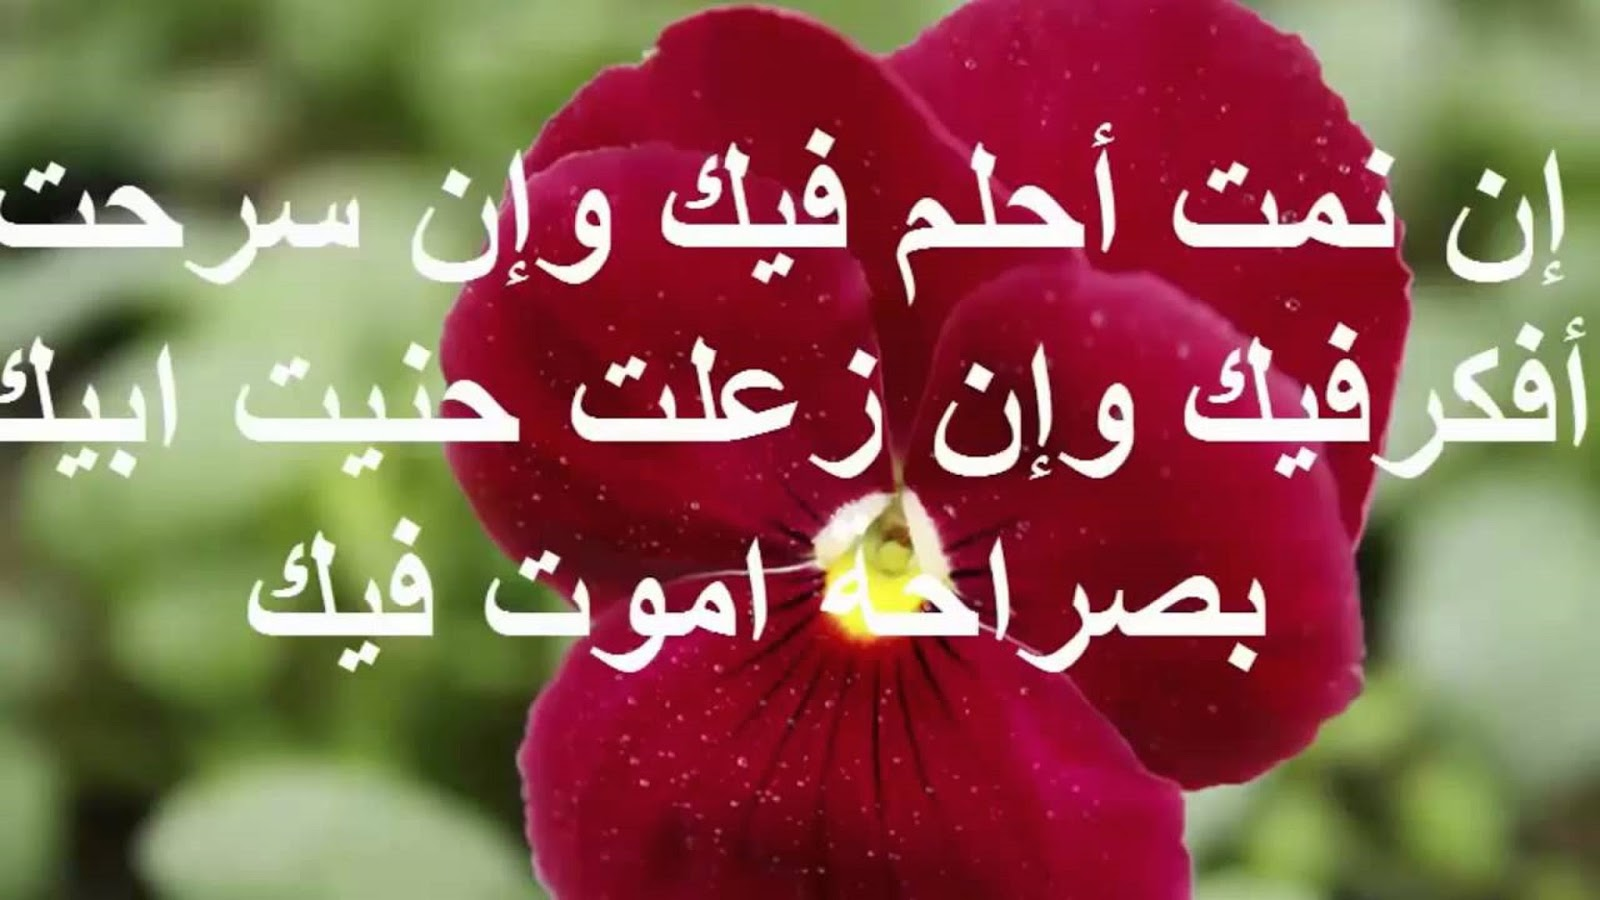 بالصور رسائل حب وعشق , اروع كلمات وعبارات الغرام 6704 10